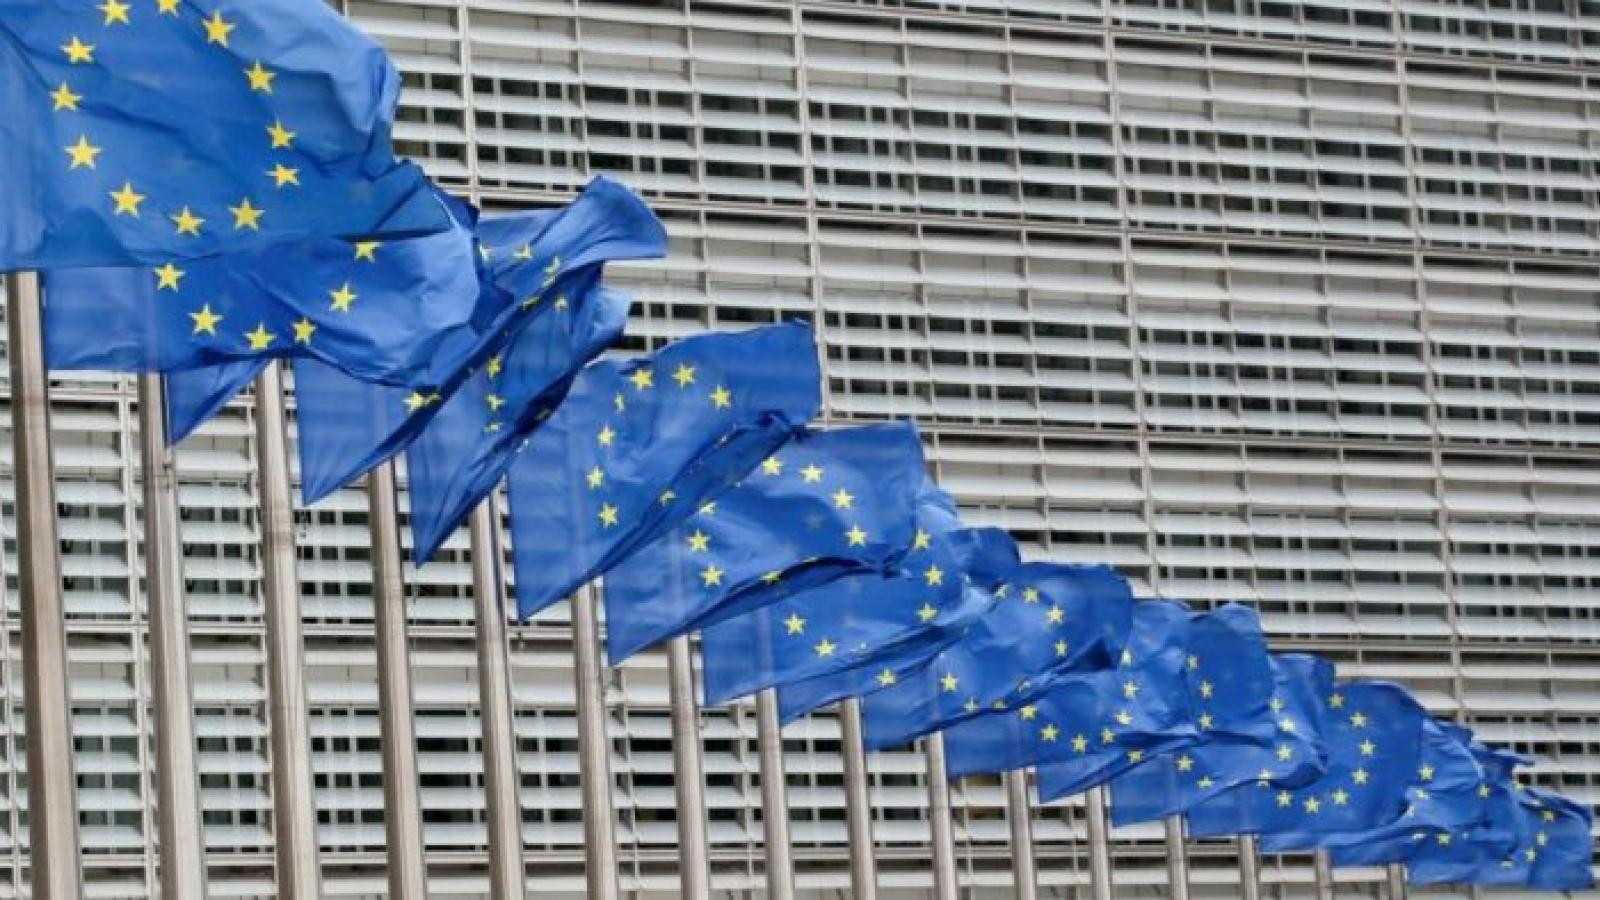 Hội nghị thượng đỉnh EU đề cao năng lượng tái tạo, hạt nhân